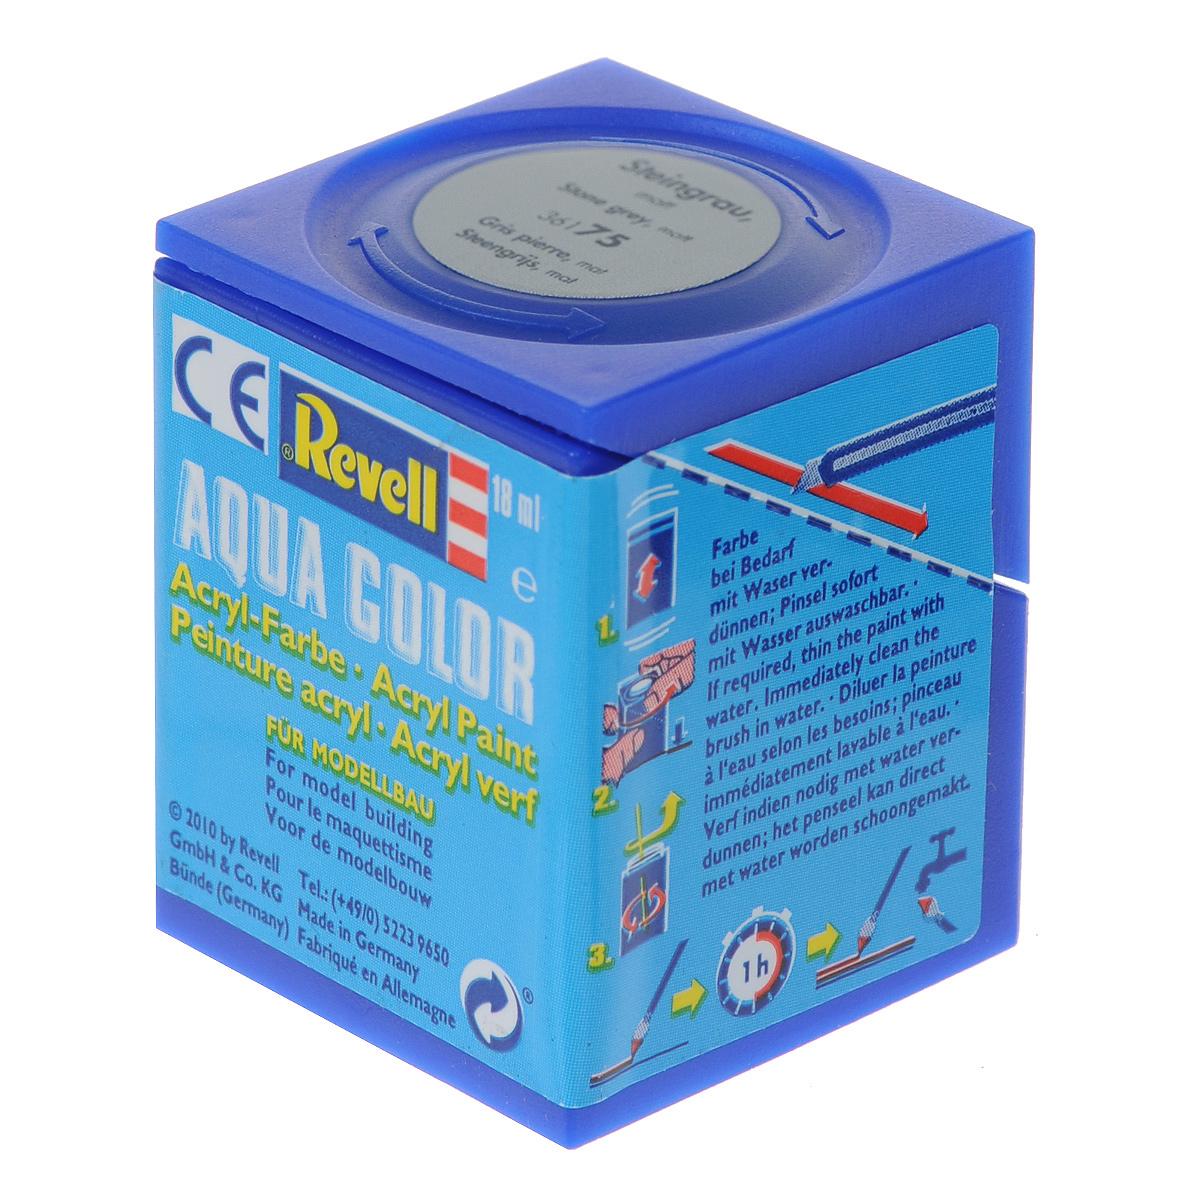 Revell Аква-краска матовая цвет темно-серый 18 мл36175Краски для моделей Revell - это высококачественный материал для покраски ваших моделей. Данная краска служит для окрашивания пластиковых поверхностей сборных моделей Revell. В баночке содержится 18 мл краски с матовым эффектом. В случае необходимости различные оттенки эмали могут быть смешаны друг с другом, для разбавления используется Revell Color Mix.